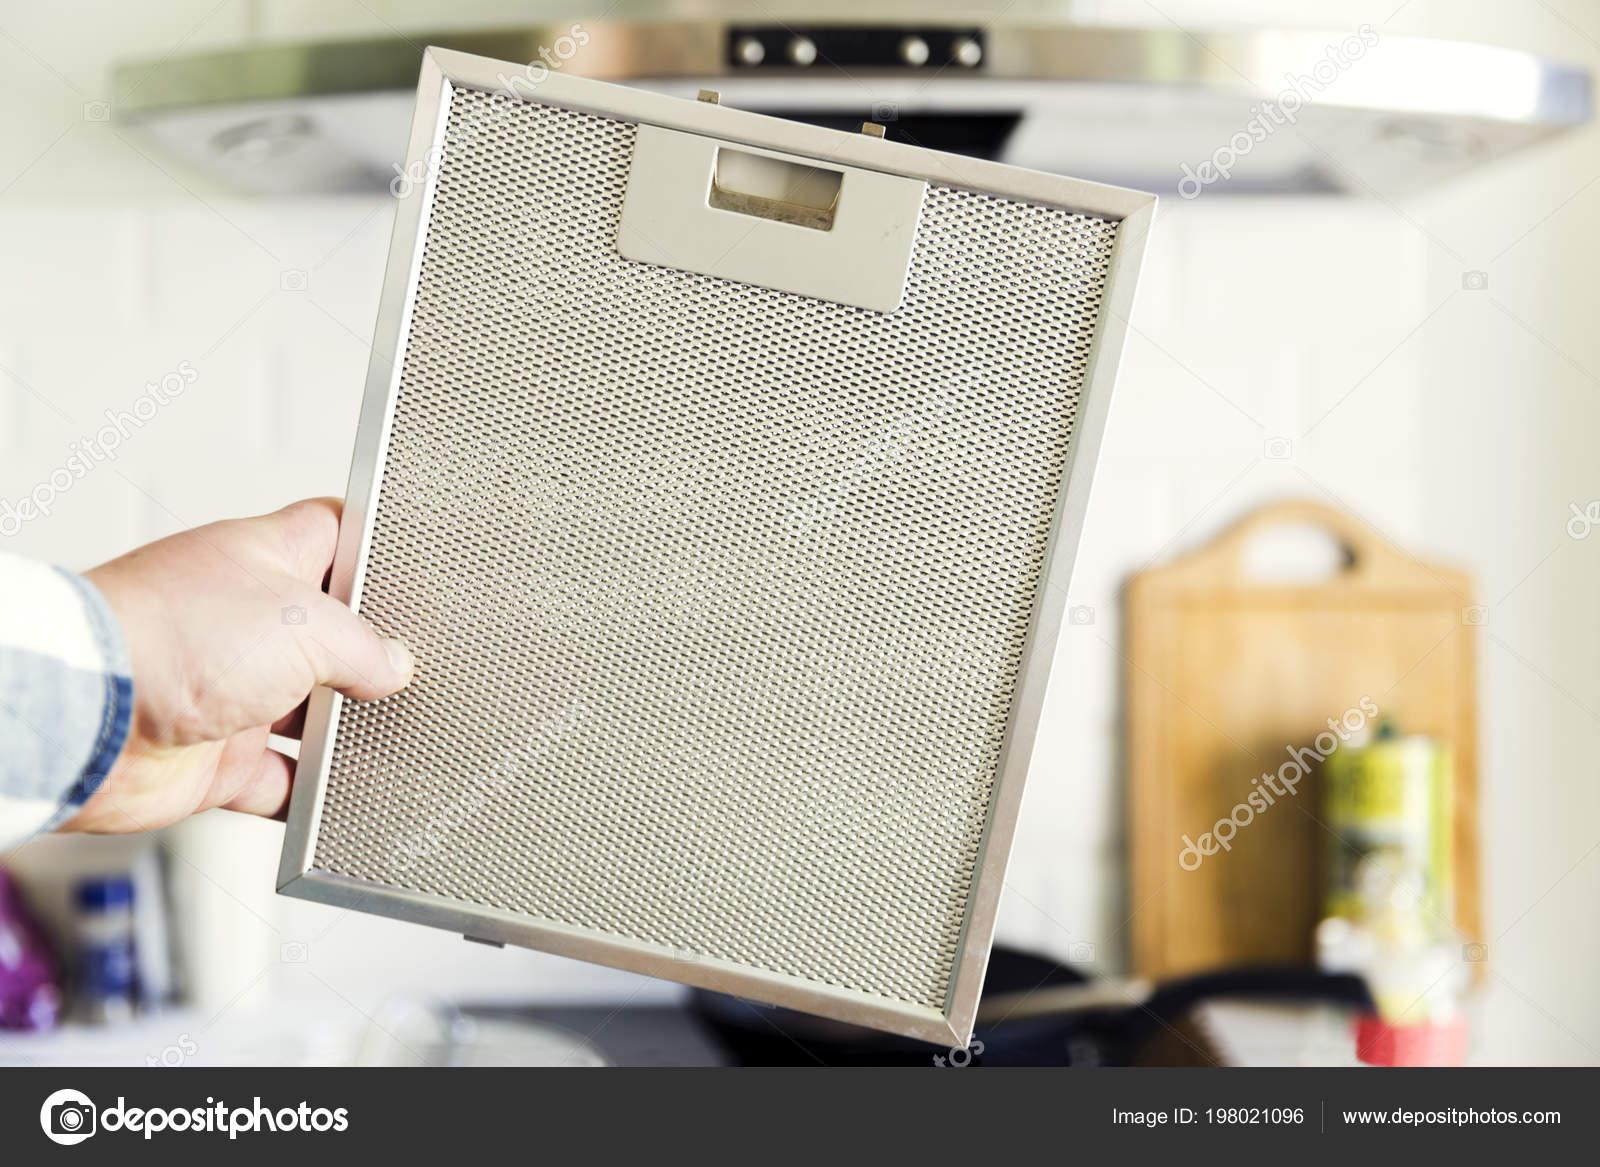 Gereinigten aluminium siebfilter für dunstabzugshaube u stockfoto